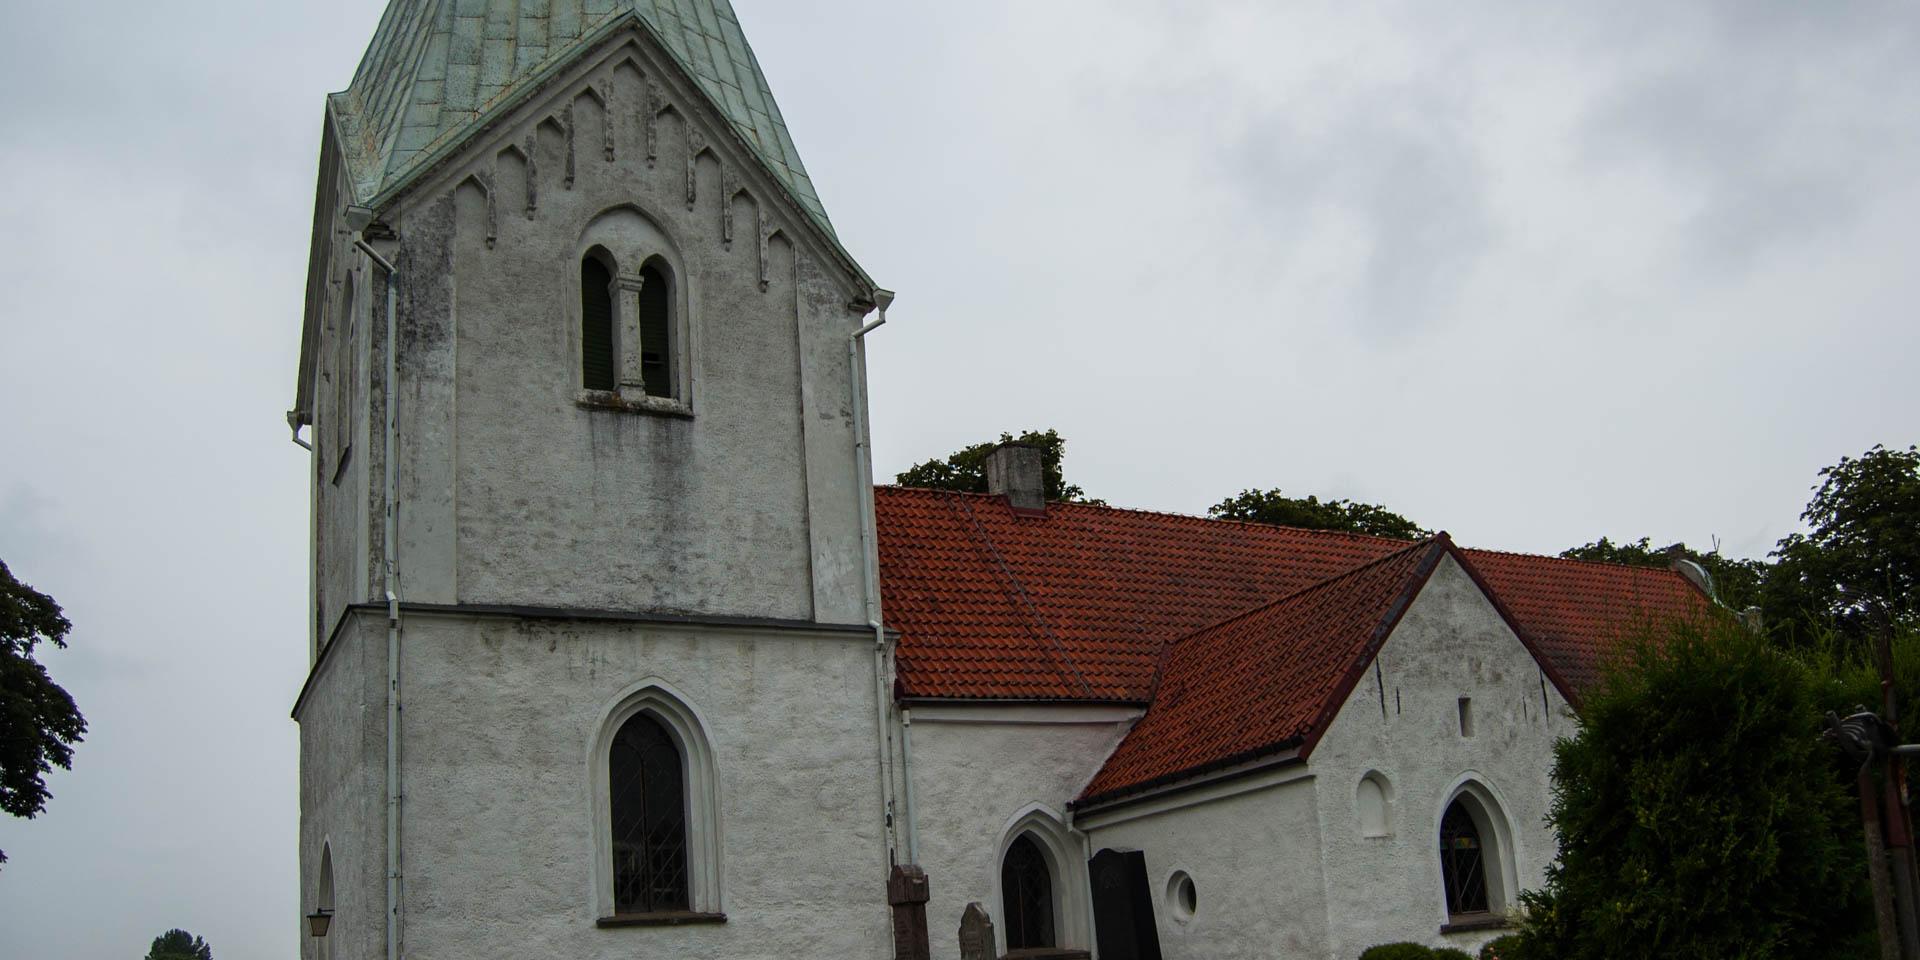 Västra Ingelstads Kyrka 2011